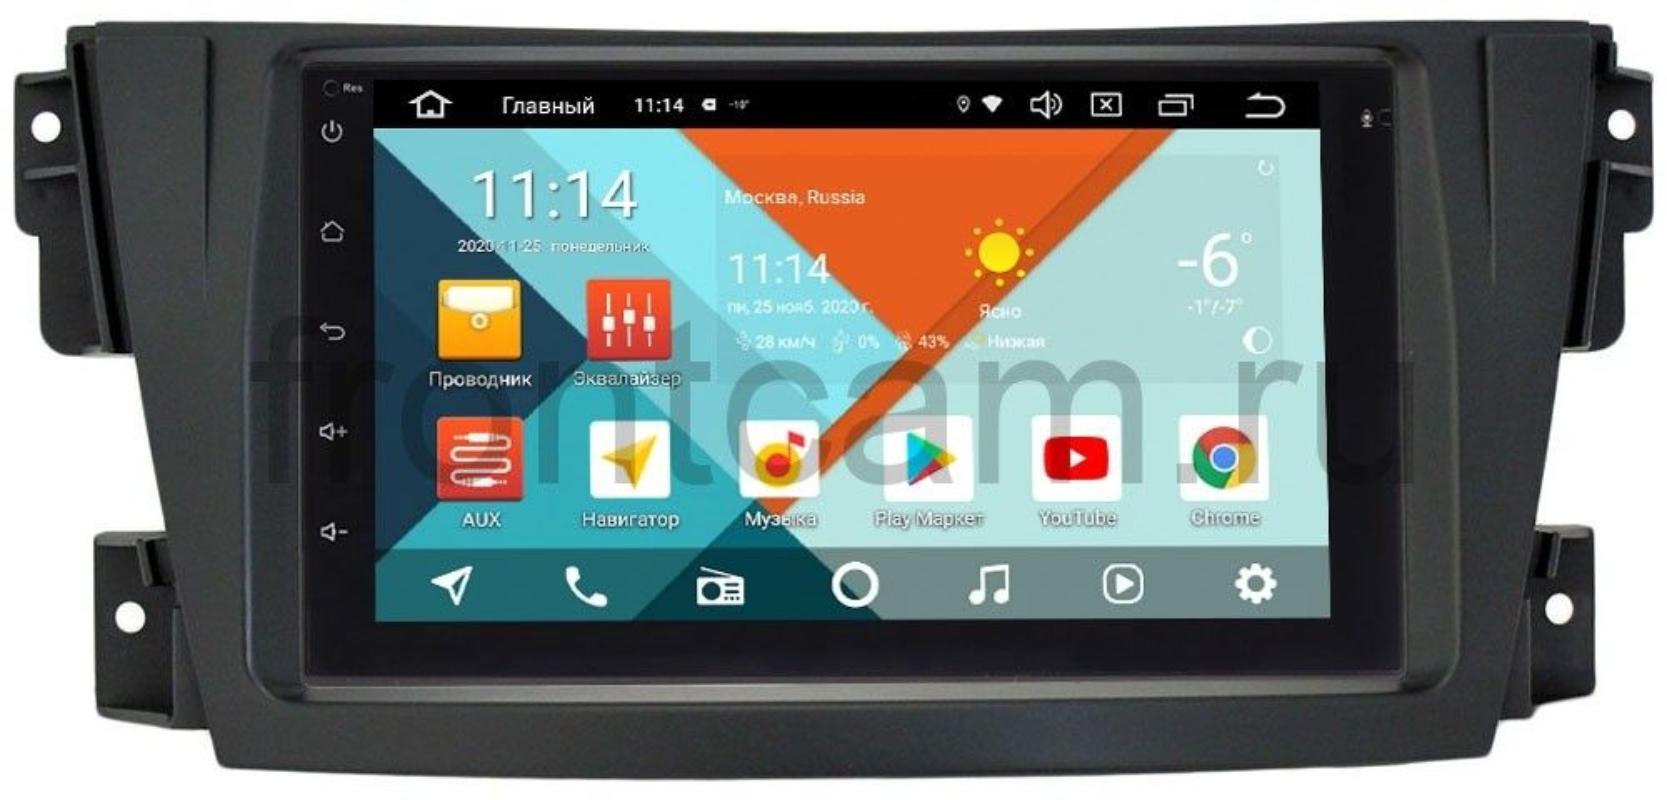 Магнитола для Toyota Caldina III Wide Media KS7001QR-3/32-RP-TYCD24XB-128 на Android 10(DSP CarPlay 4G-SIM) (+ Камера заднего вида в подарок!)